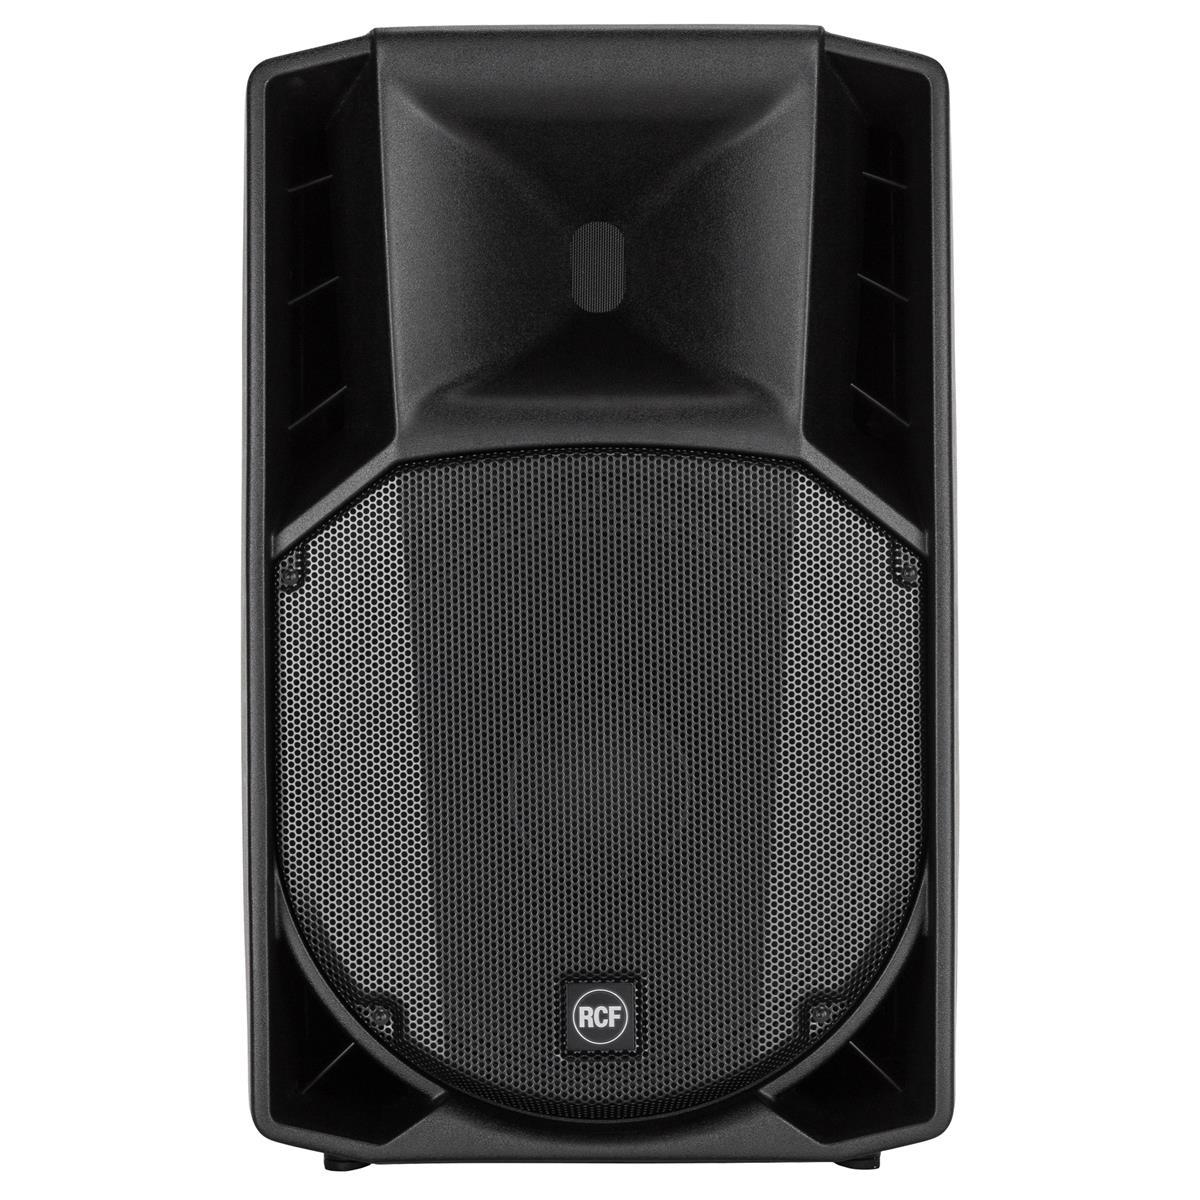 RCF ART 735-A MK4 Digital active speaker system 15in + 3in v